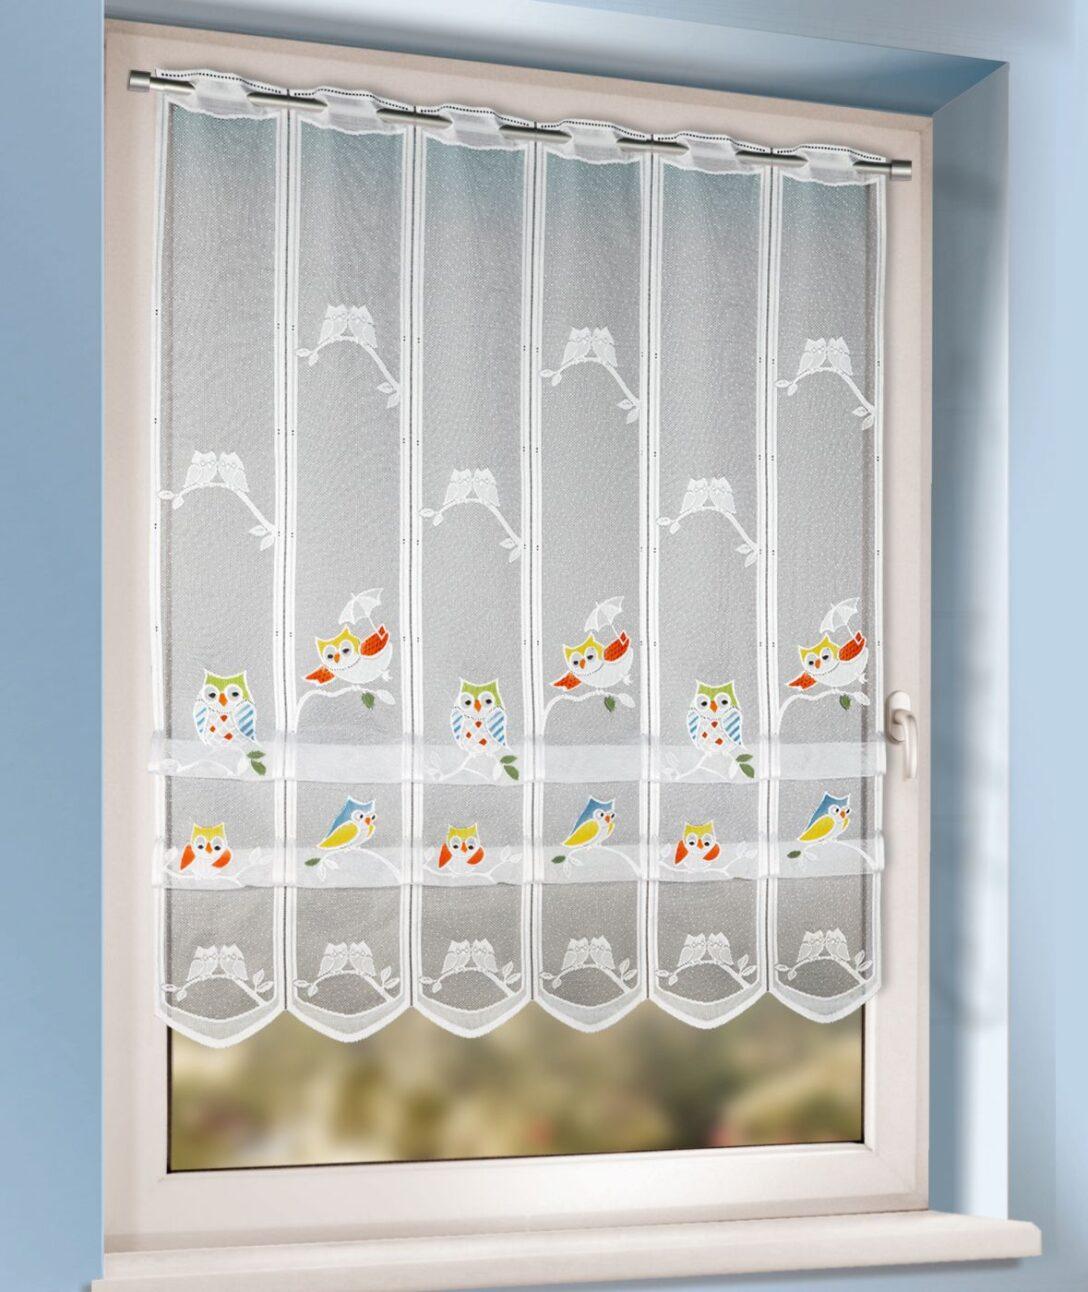 Large Size of Raffrollo Kinderzimmer Mit Buntem Eulenmuster Kaufen Gardinen Outlet Küche Regal Regale Sofa Weiß Kinderzimmer Raffrollo Kinderzimmer